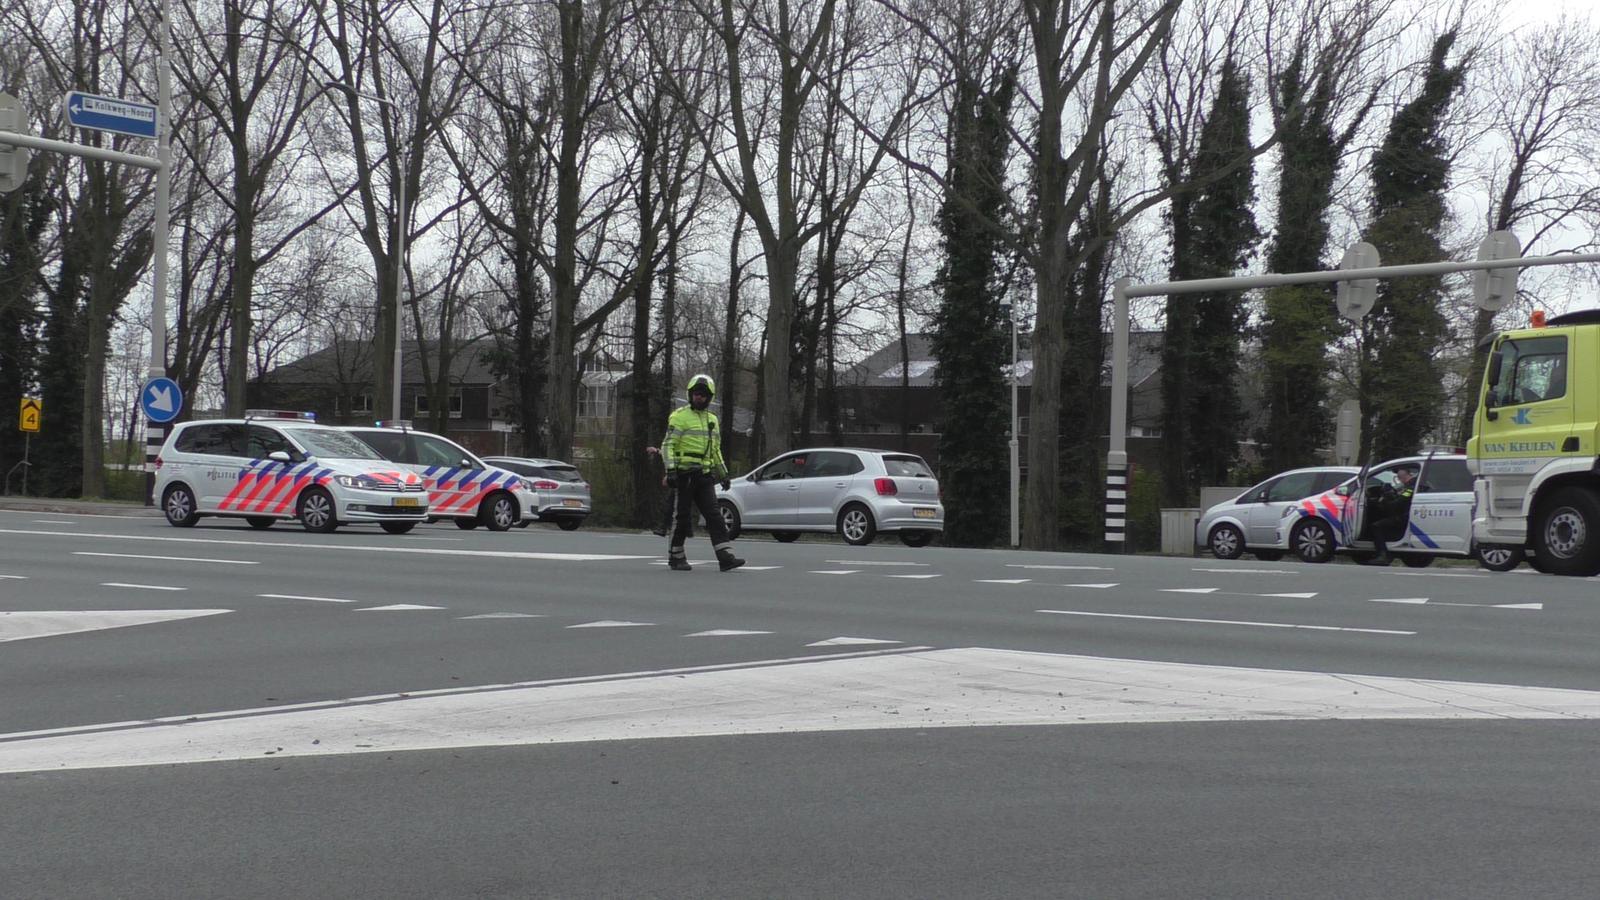 Auto klemgereden door politie op de Kolkweg in Oostzaan